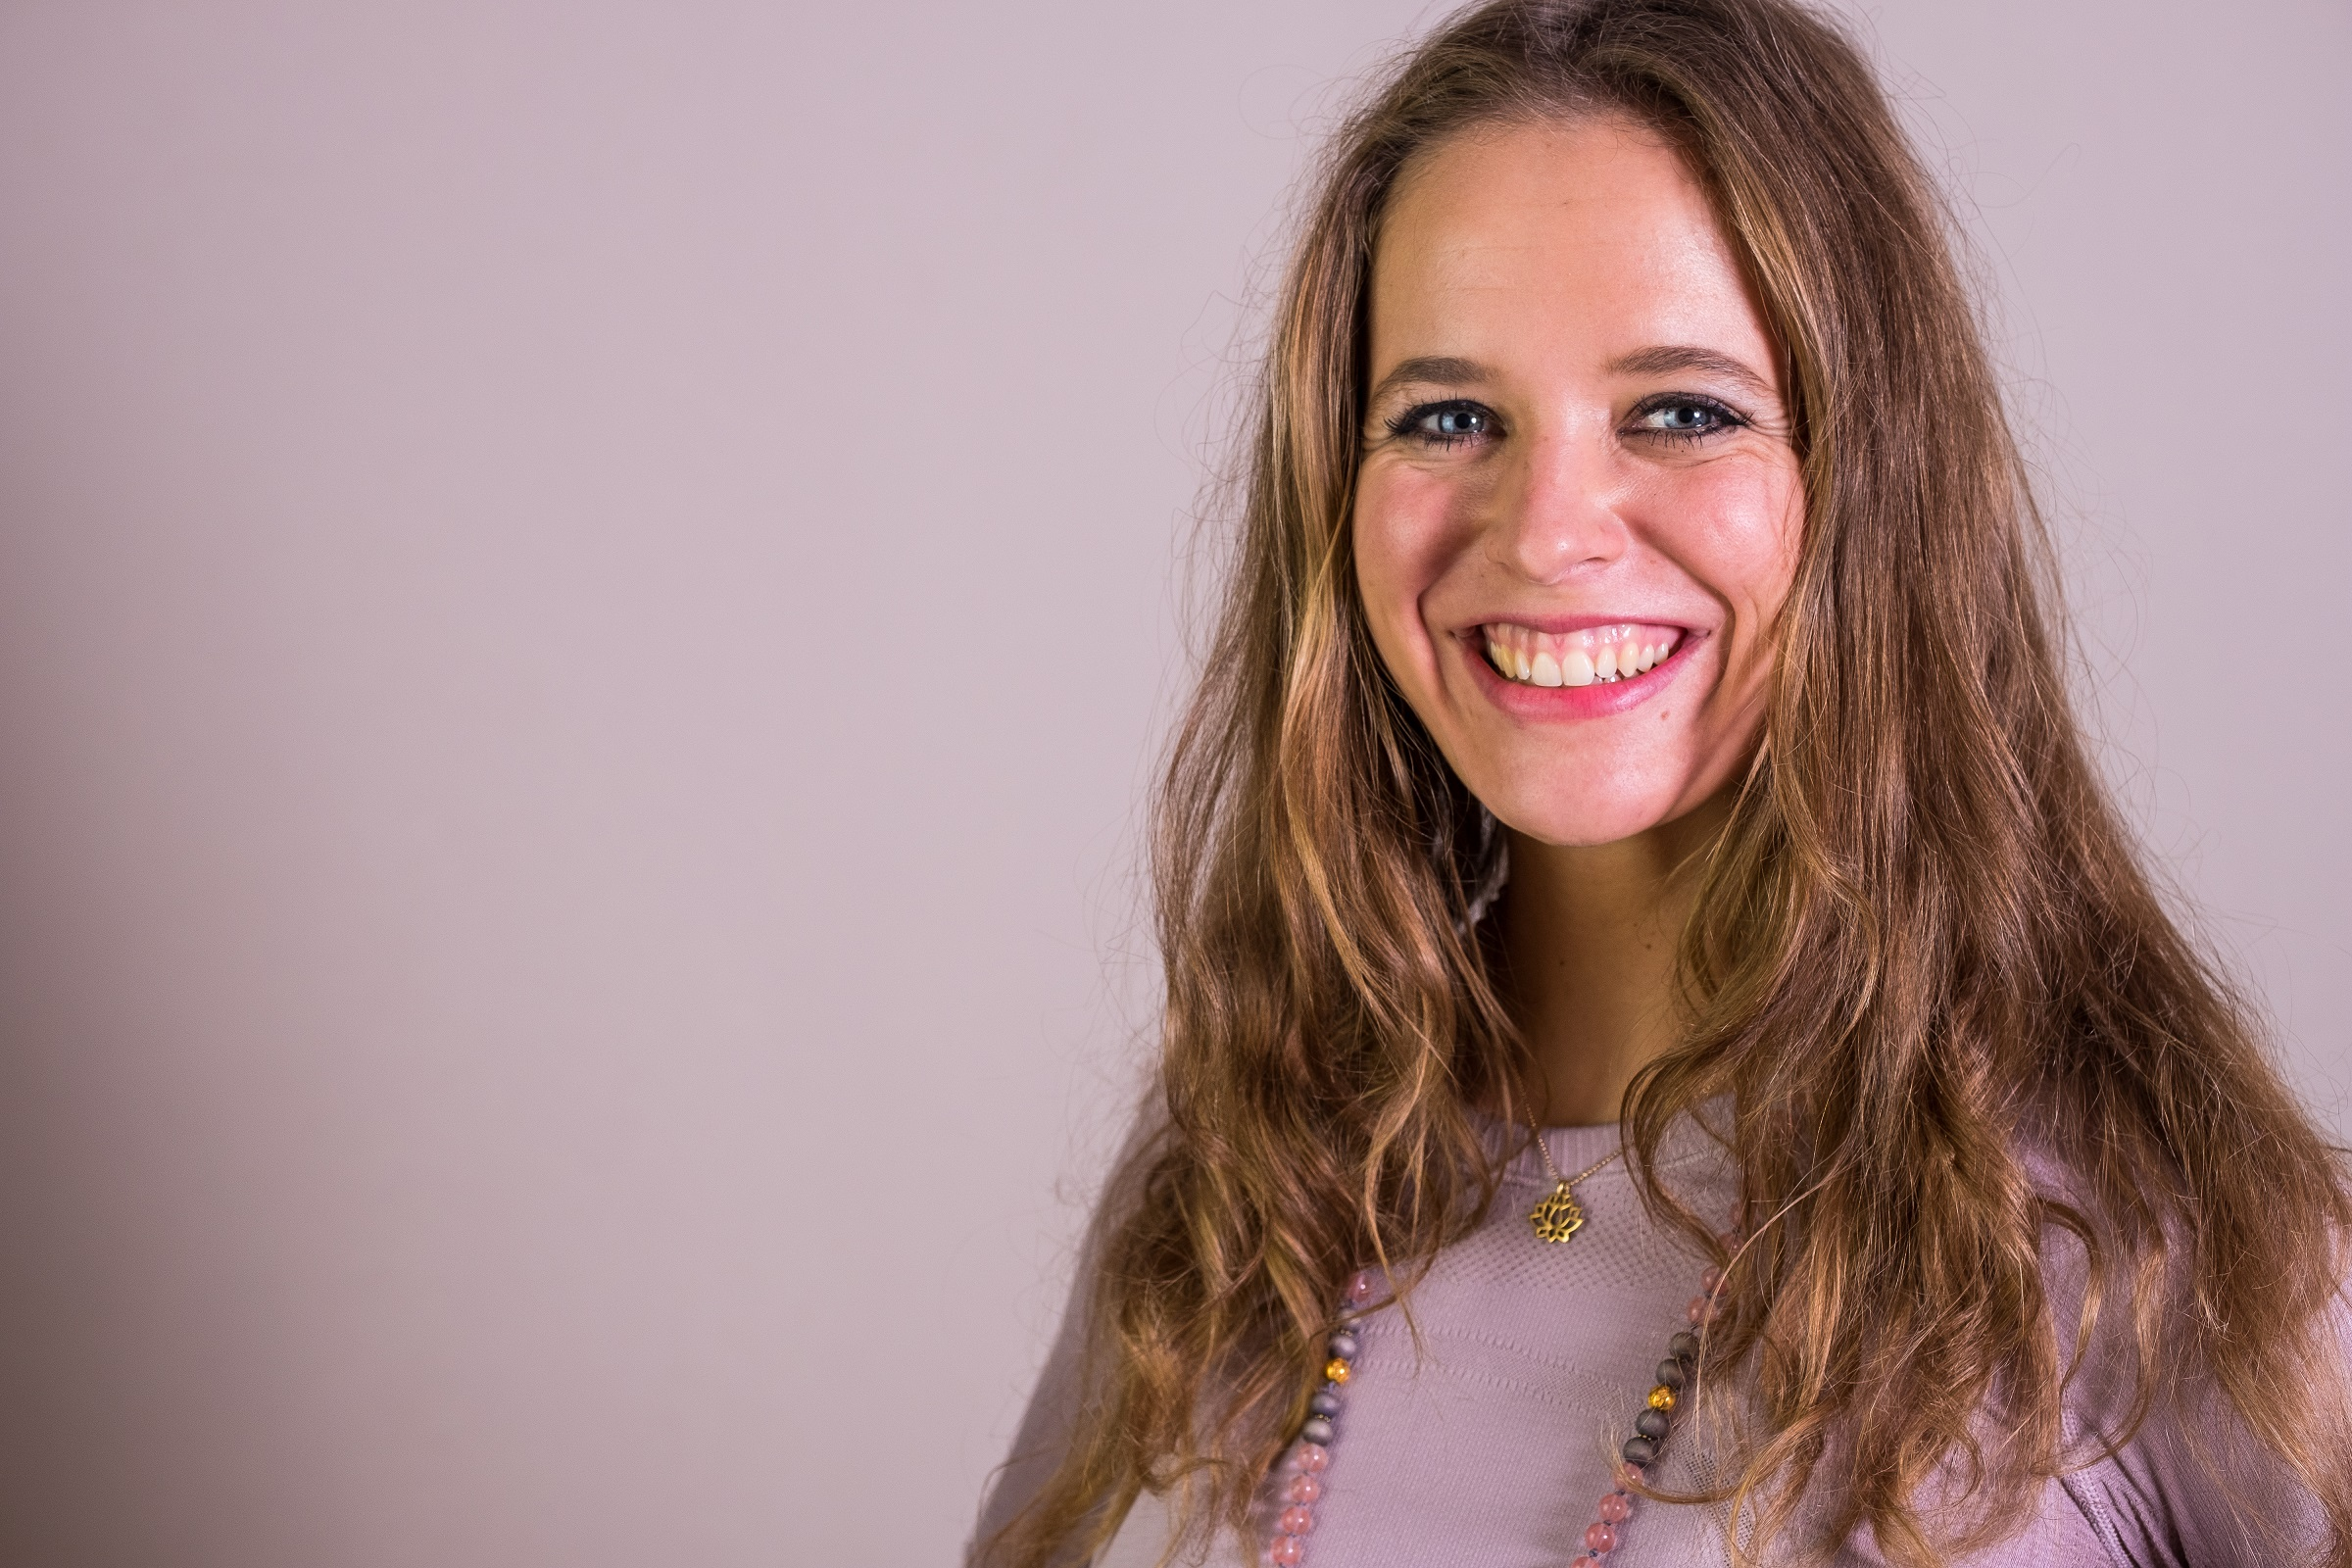 Johanna Gschwendner